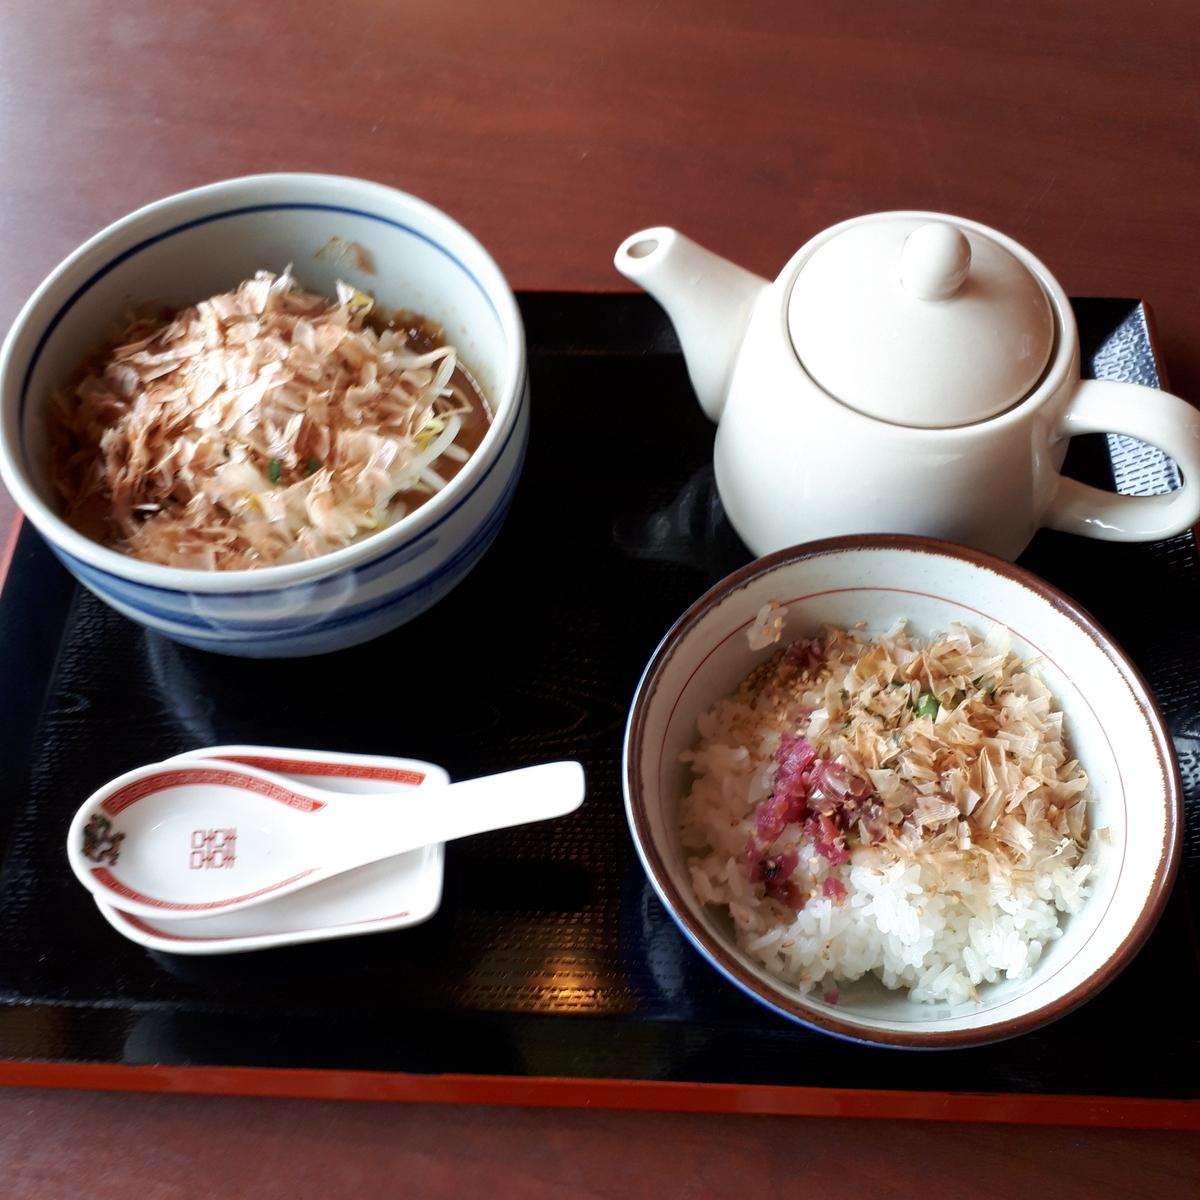 指宿 紅龍 勝武士ラーメン 茶ぶしメシセット